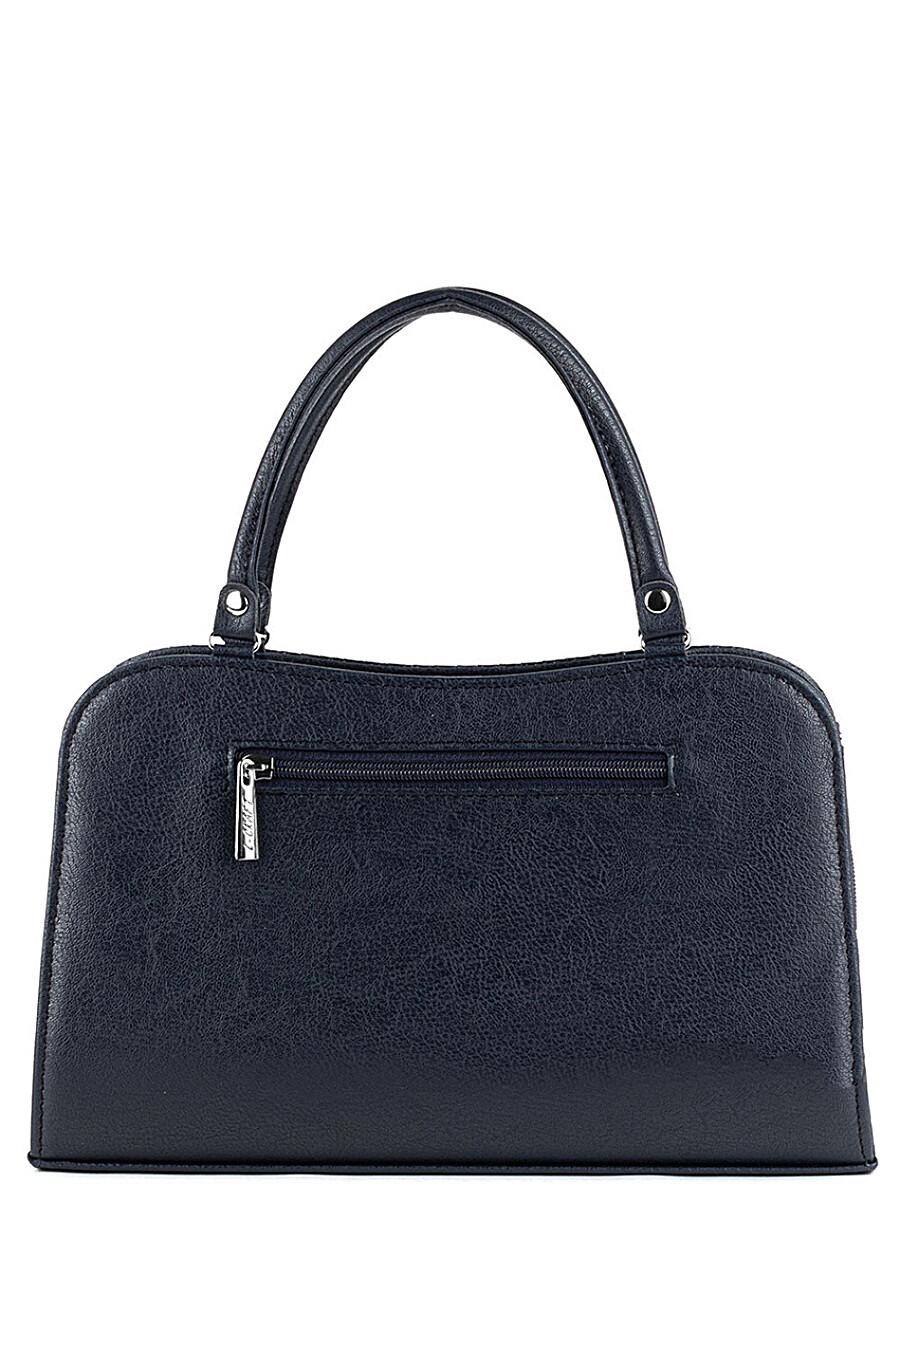 Сумка для женщин L-CRAFT 260359 купить оптом от производителя. Совместная покупка женской одежды в OptMoyo